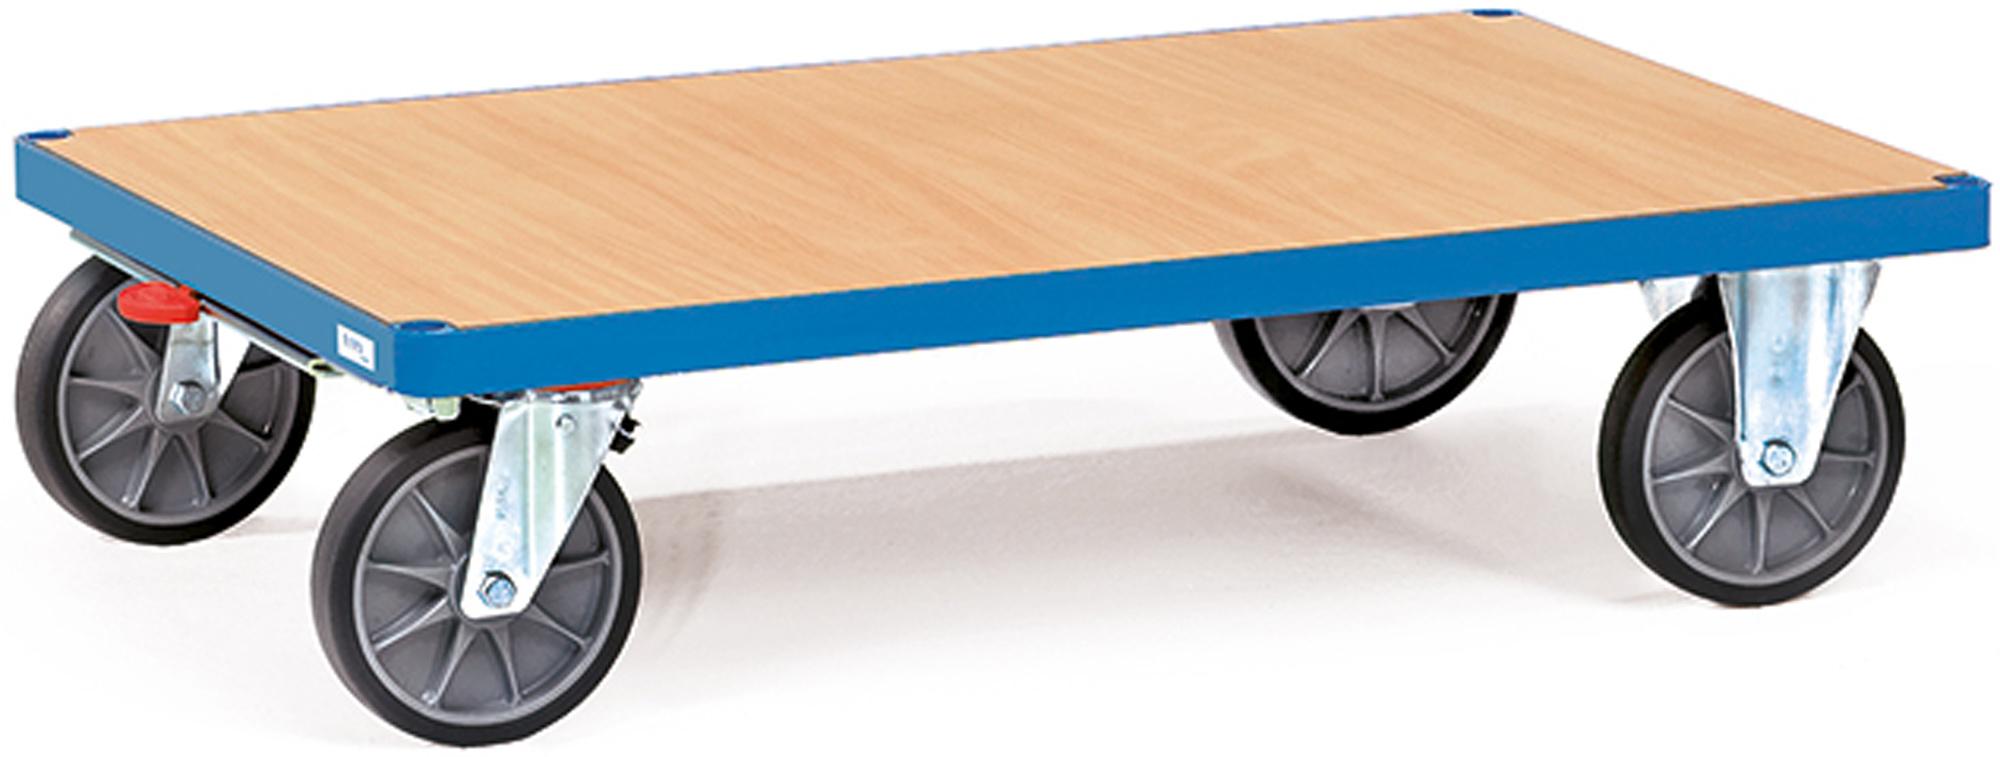 Fetra Basiswagen Holz